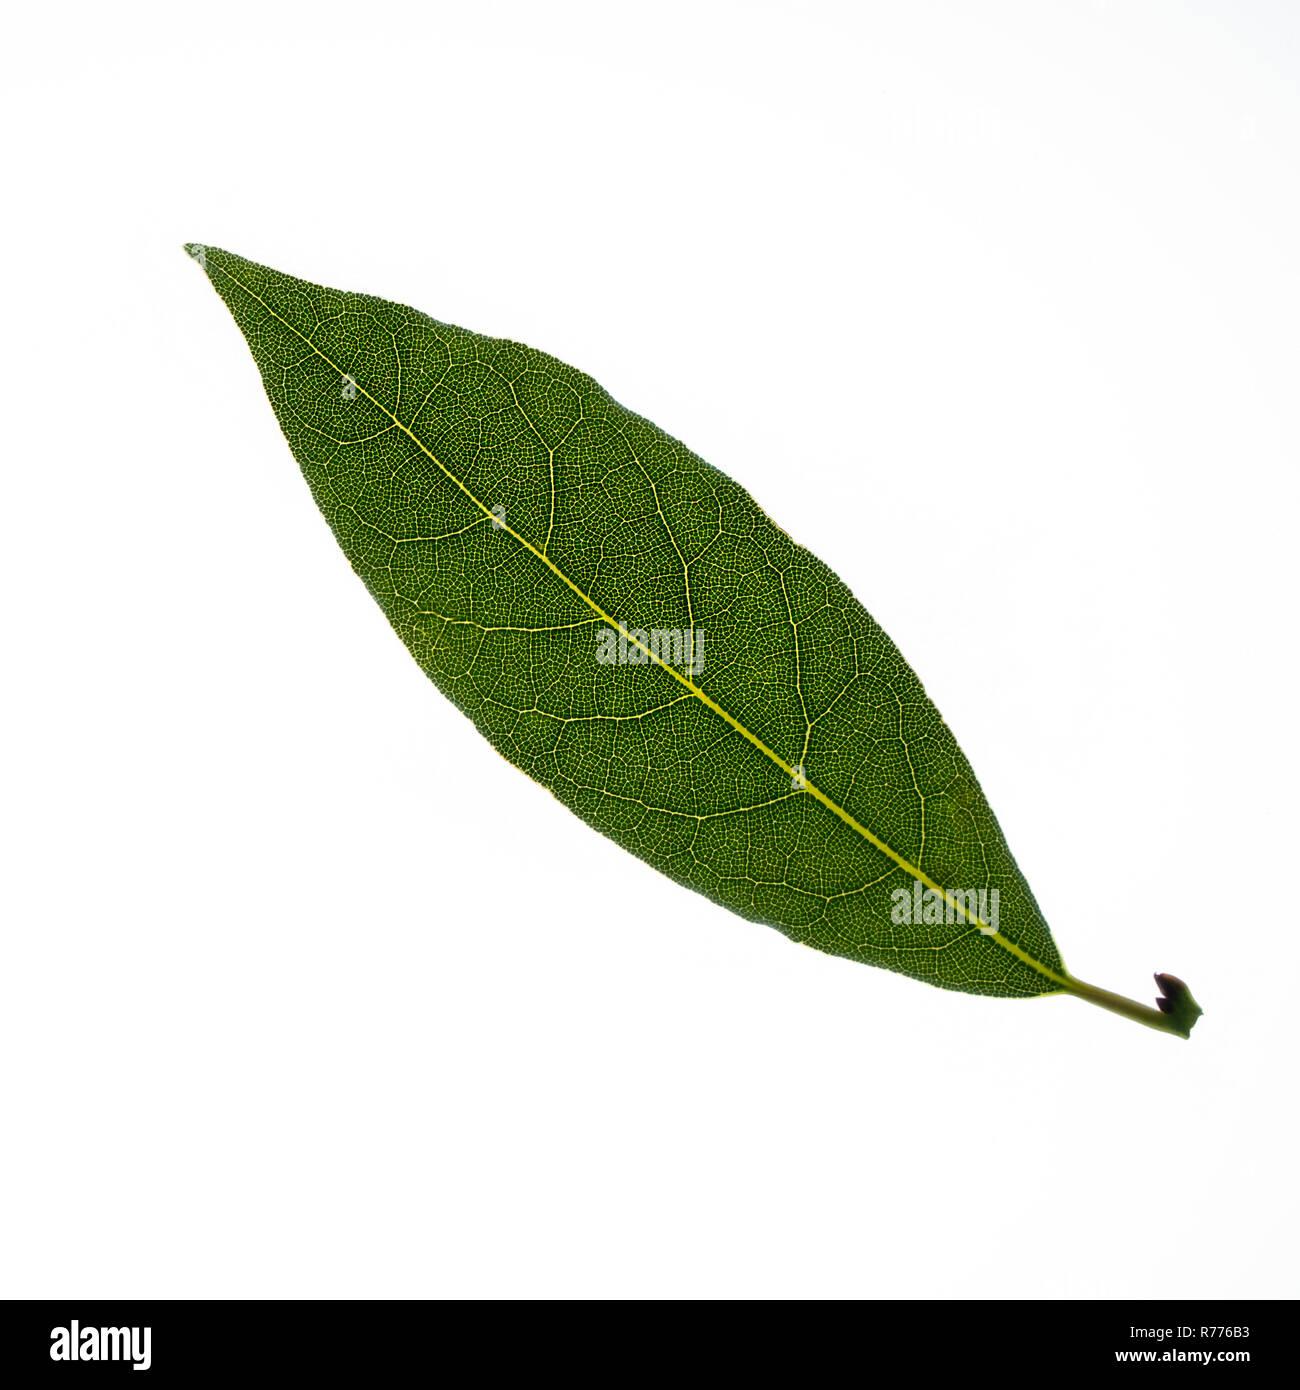 bay leaf - Stock Image